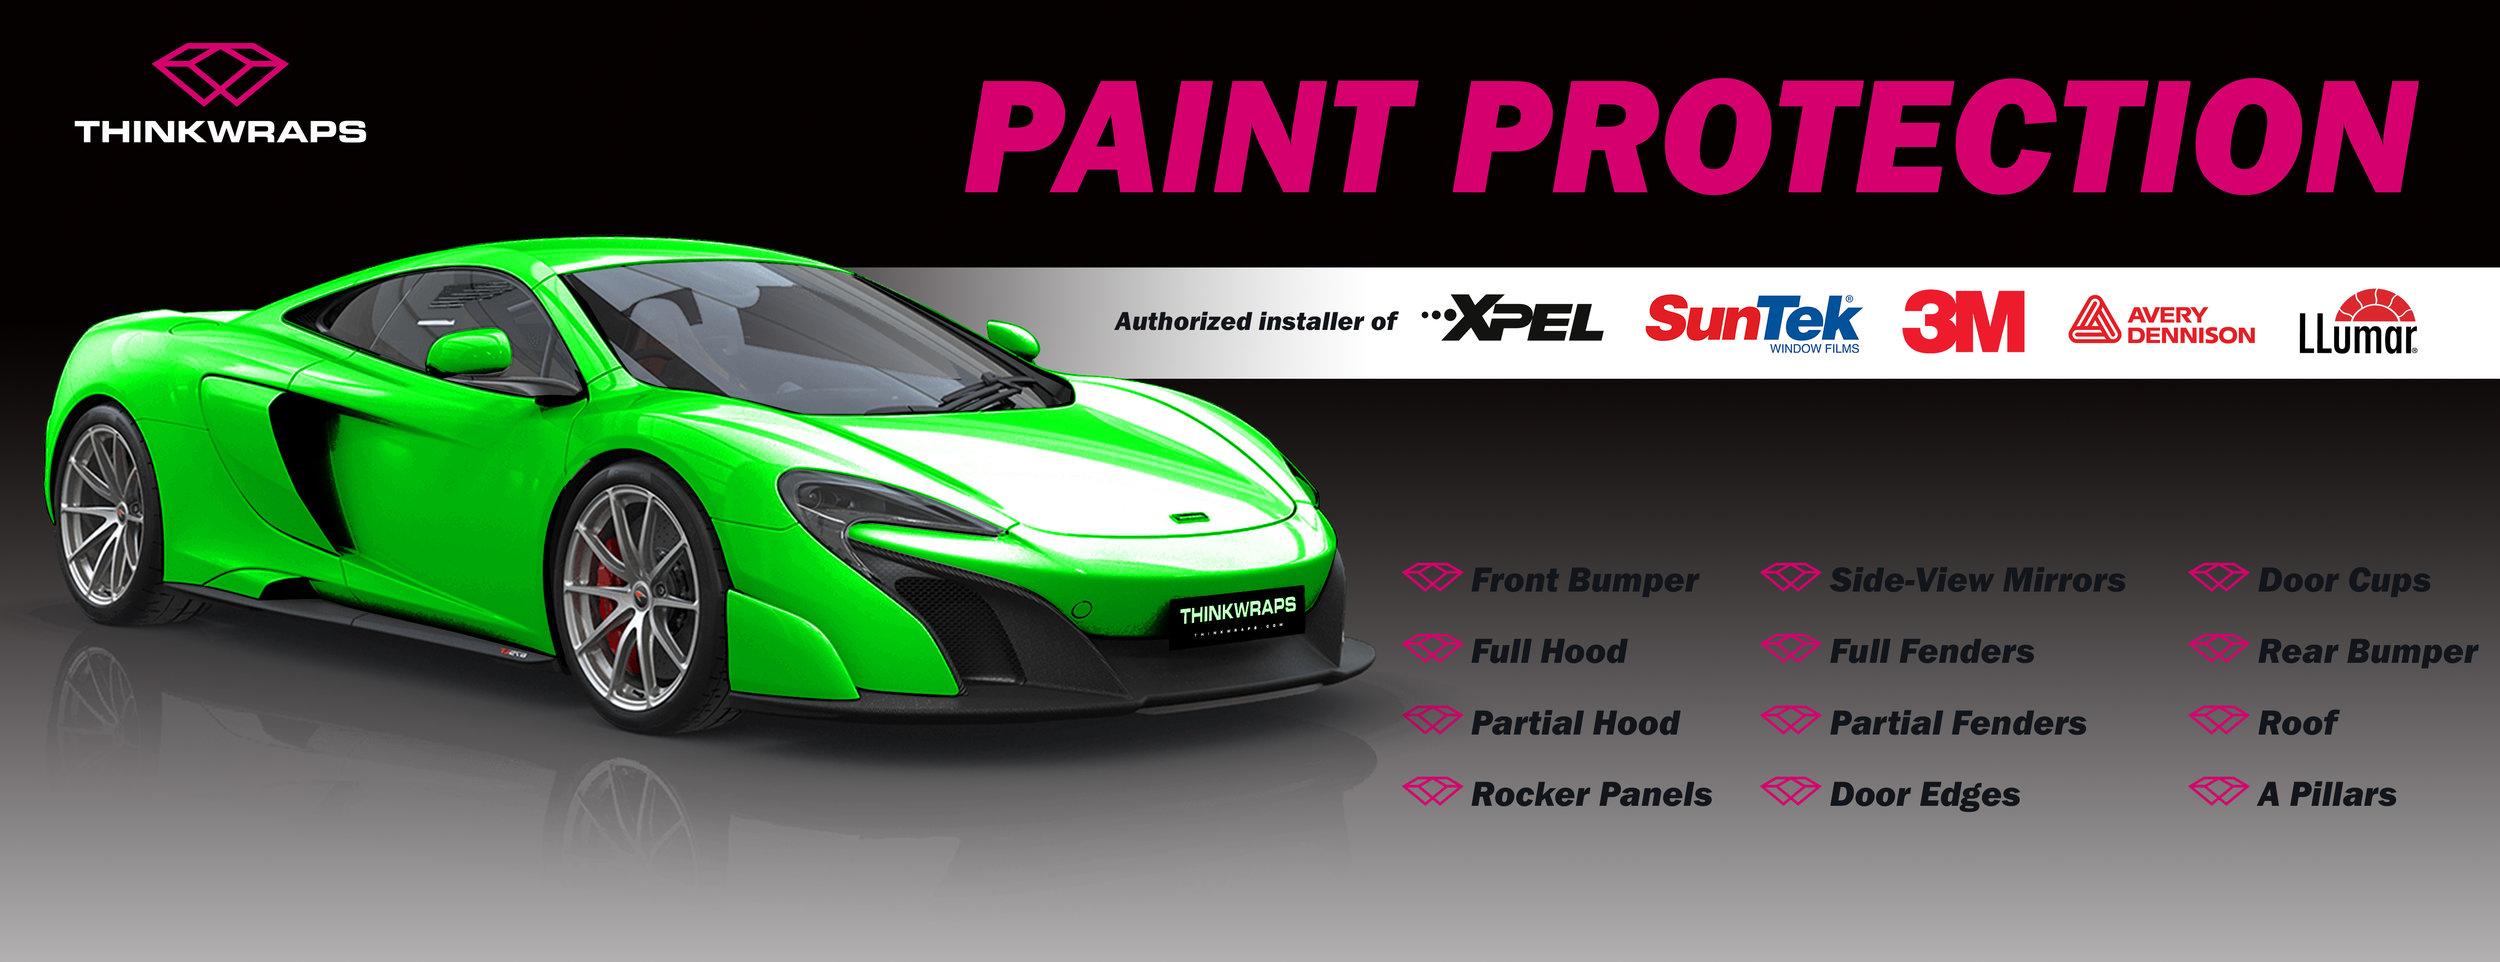 paint-protection-slider.jpg